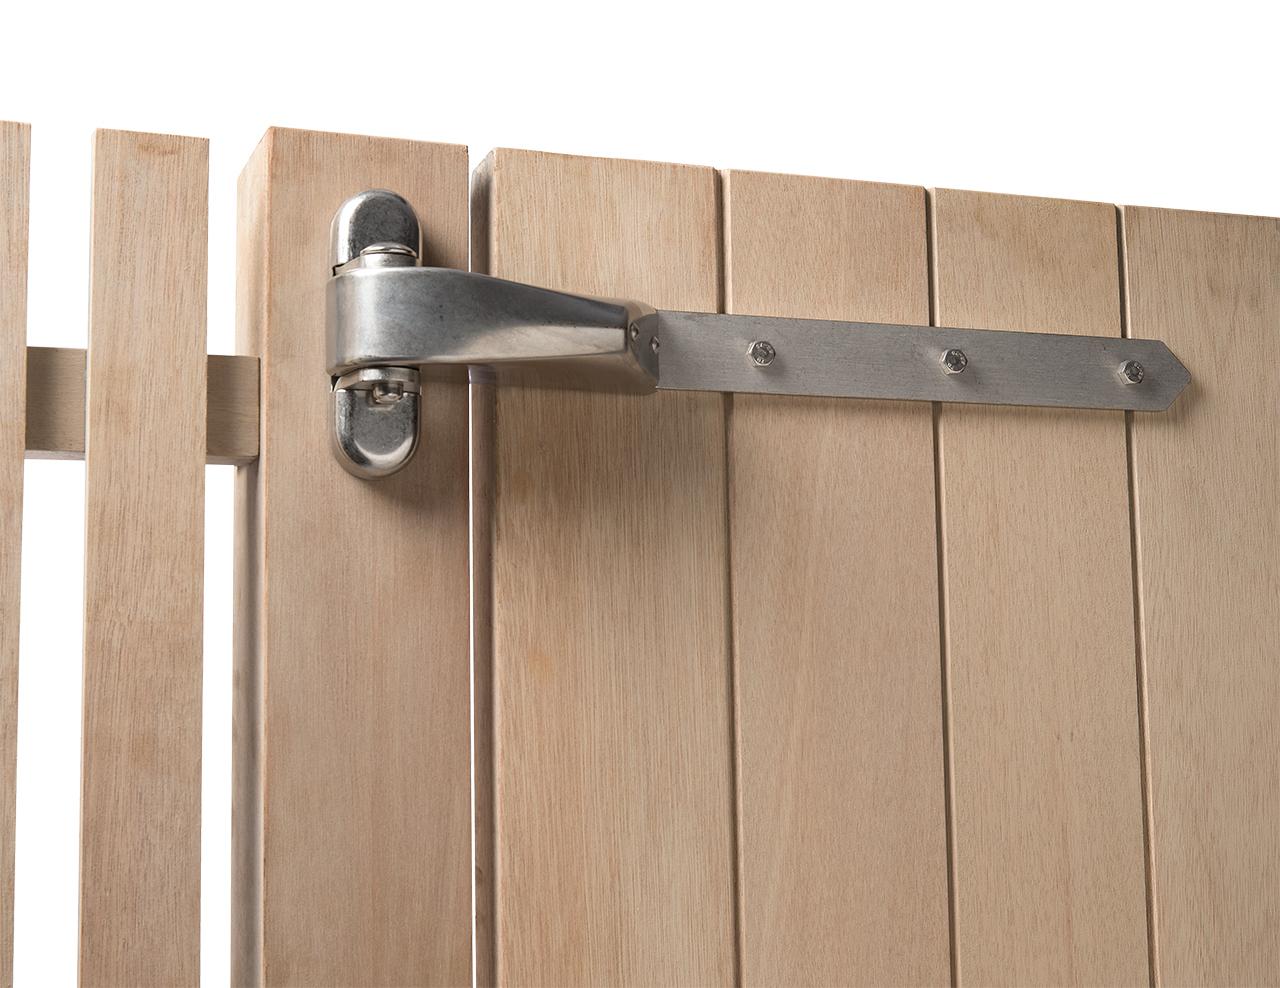 Cerniere Per Cancelli Di Legno : Cardini per cancelli in legno amazing cerniere in ferro per